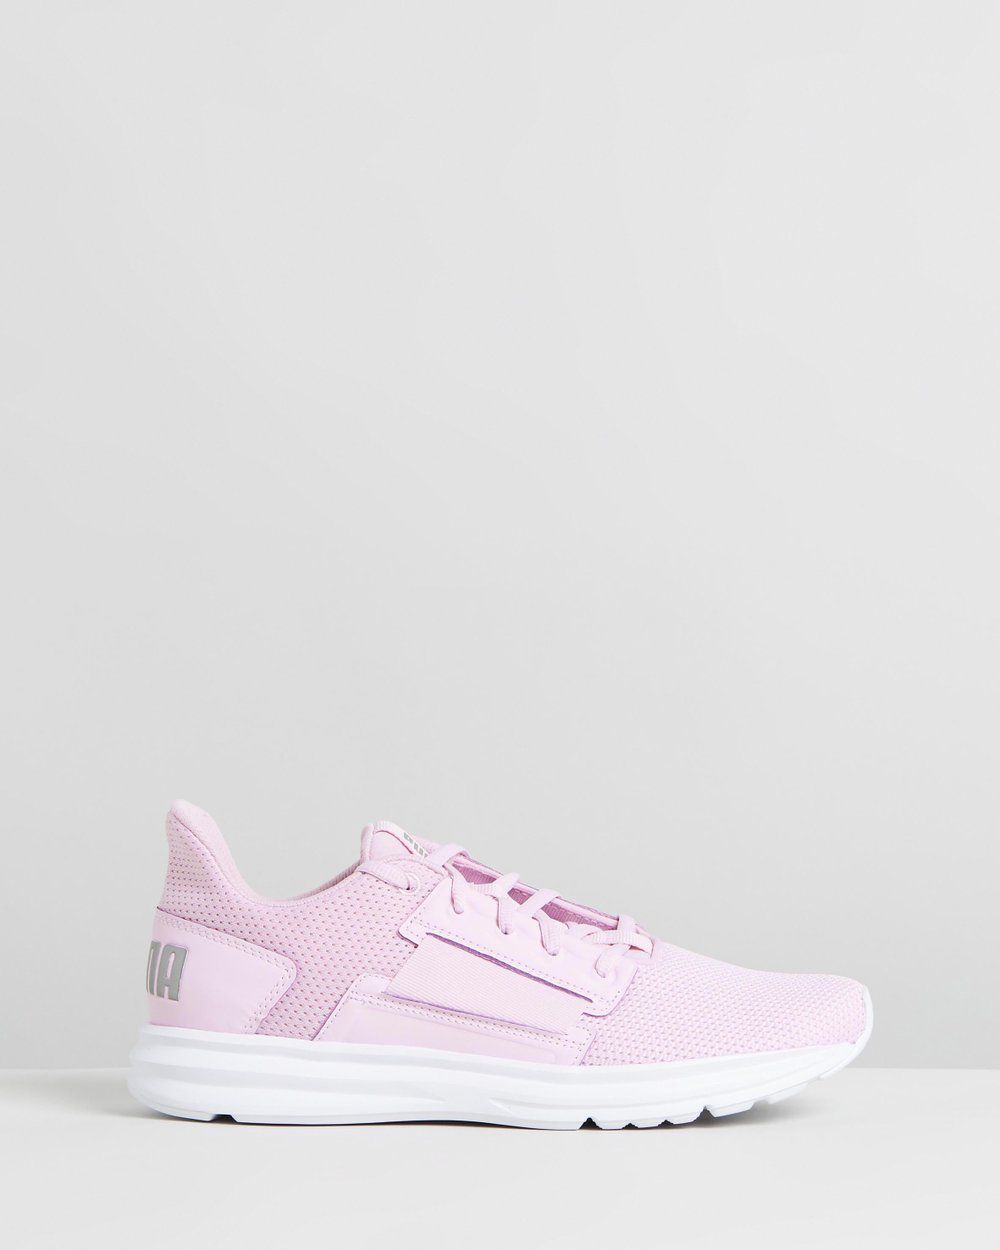 87361e41426 Enzo Street Knit Shoes - Women s by Puma Online